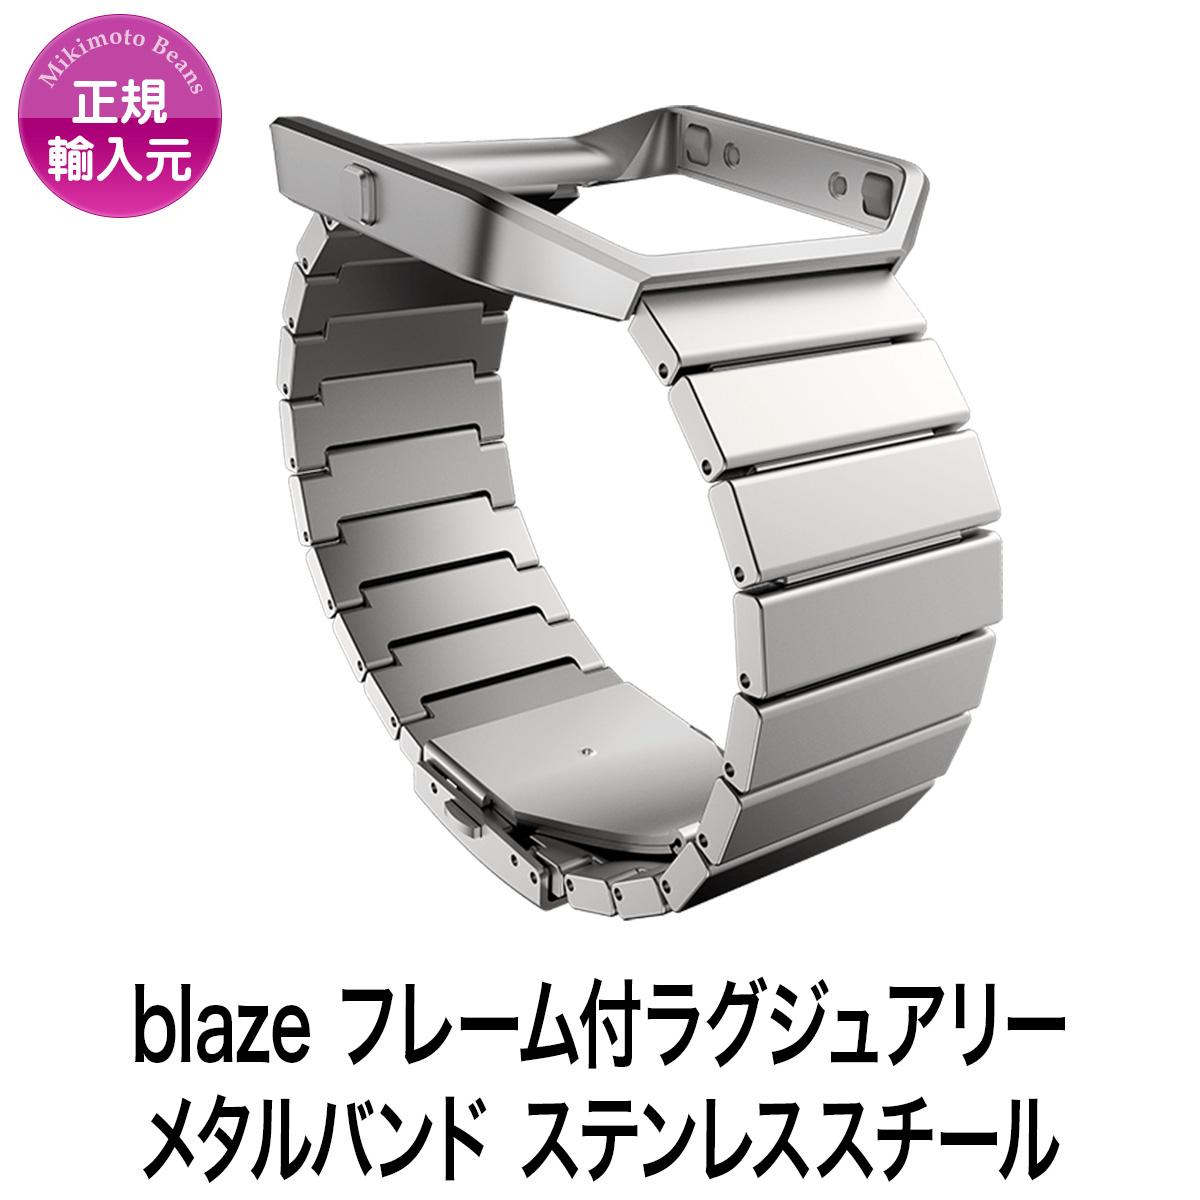 【FitbitBlazeアクセサリー】【フレーム付ラグジュアリーメタルバンド】【カラー:ステンレススチール】【ワンサイズ:140-206mm】トラッカーは含まれておりません。